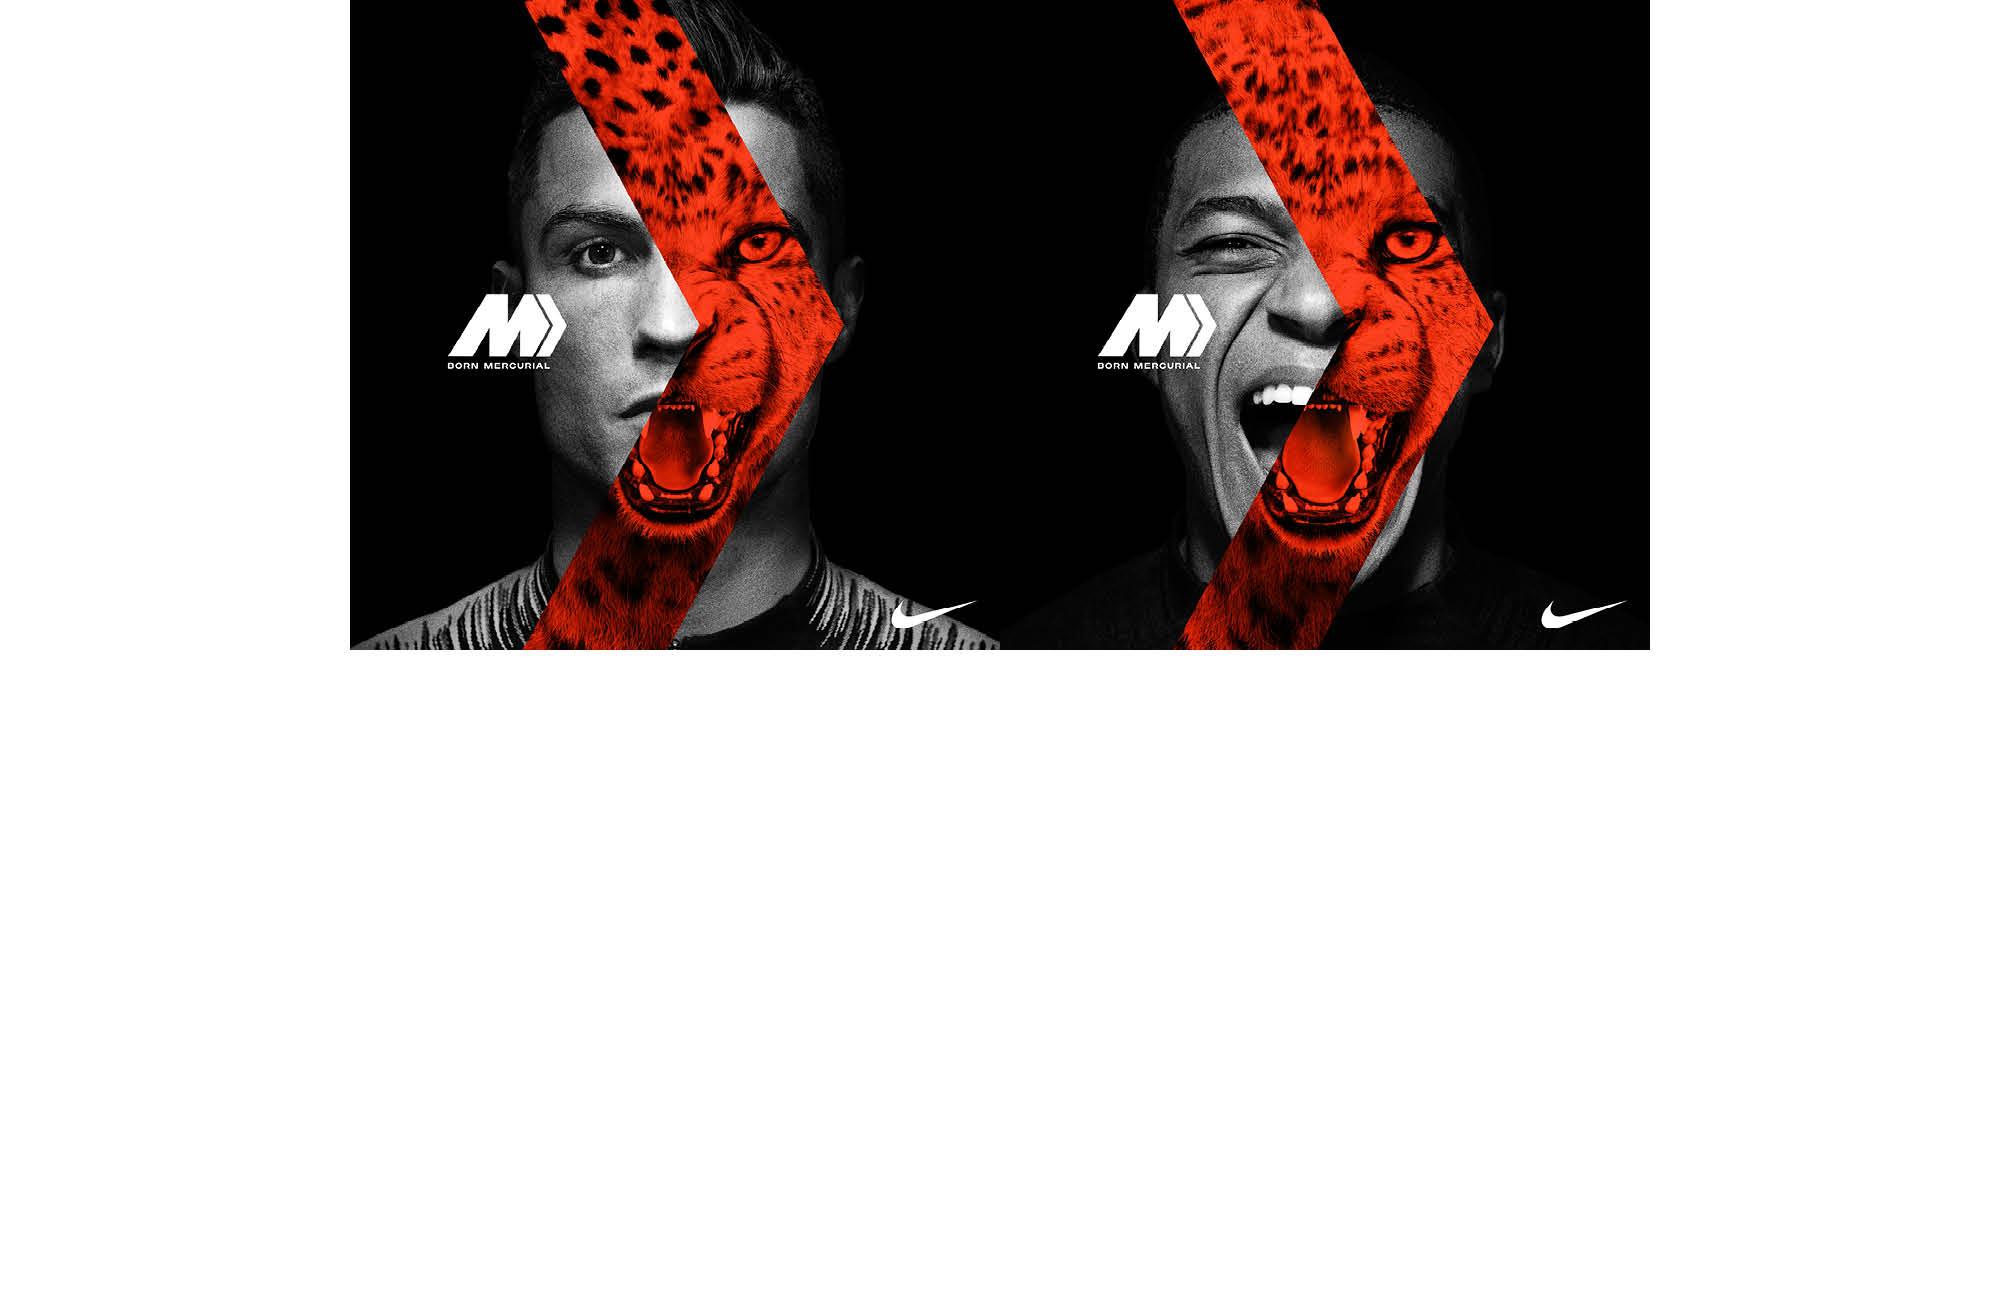 Nike – Born Merc - 2 of 4